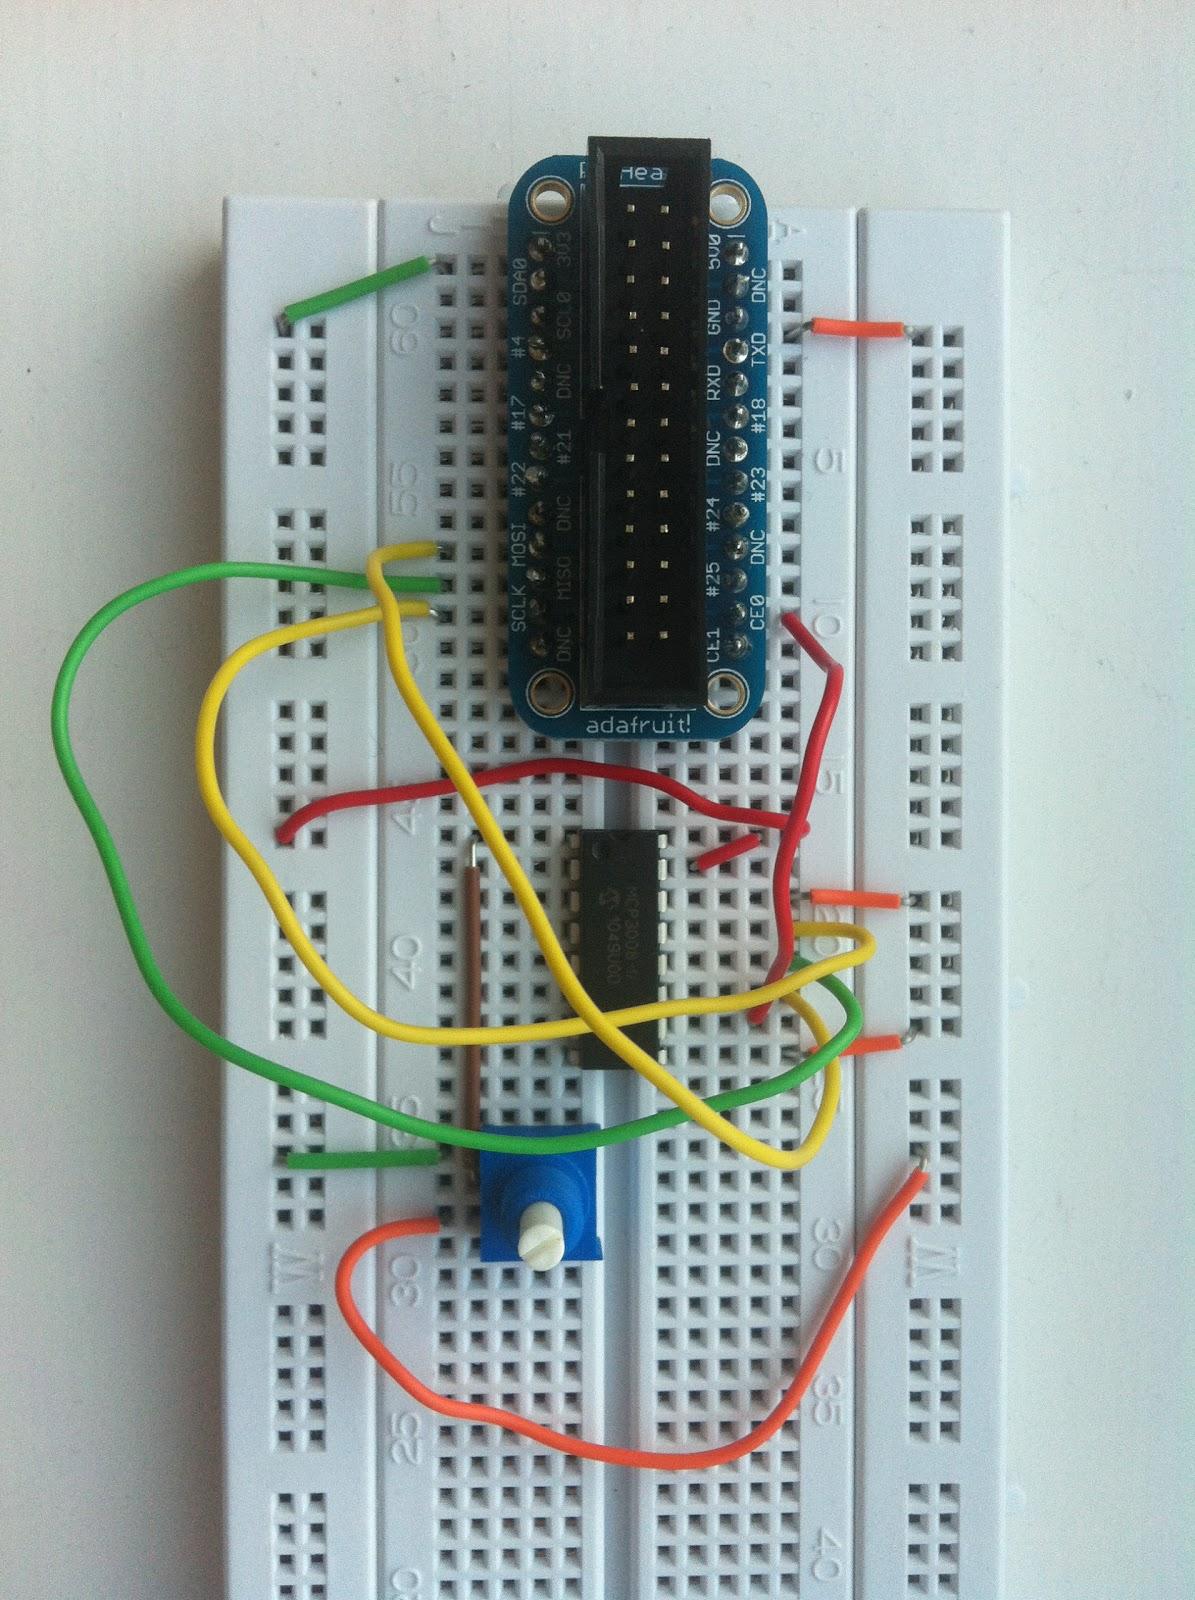 Jeremy's Blog: Raspberry Pi page